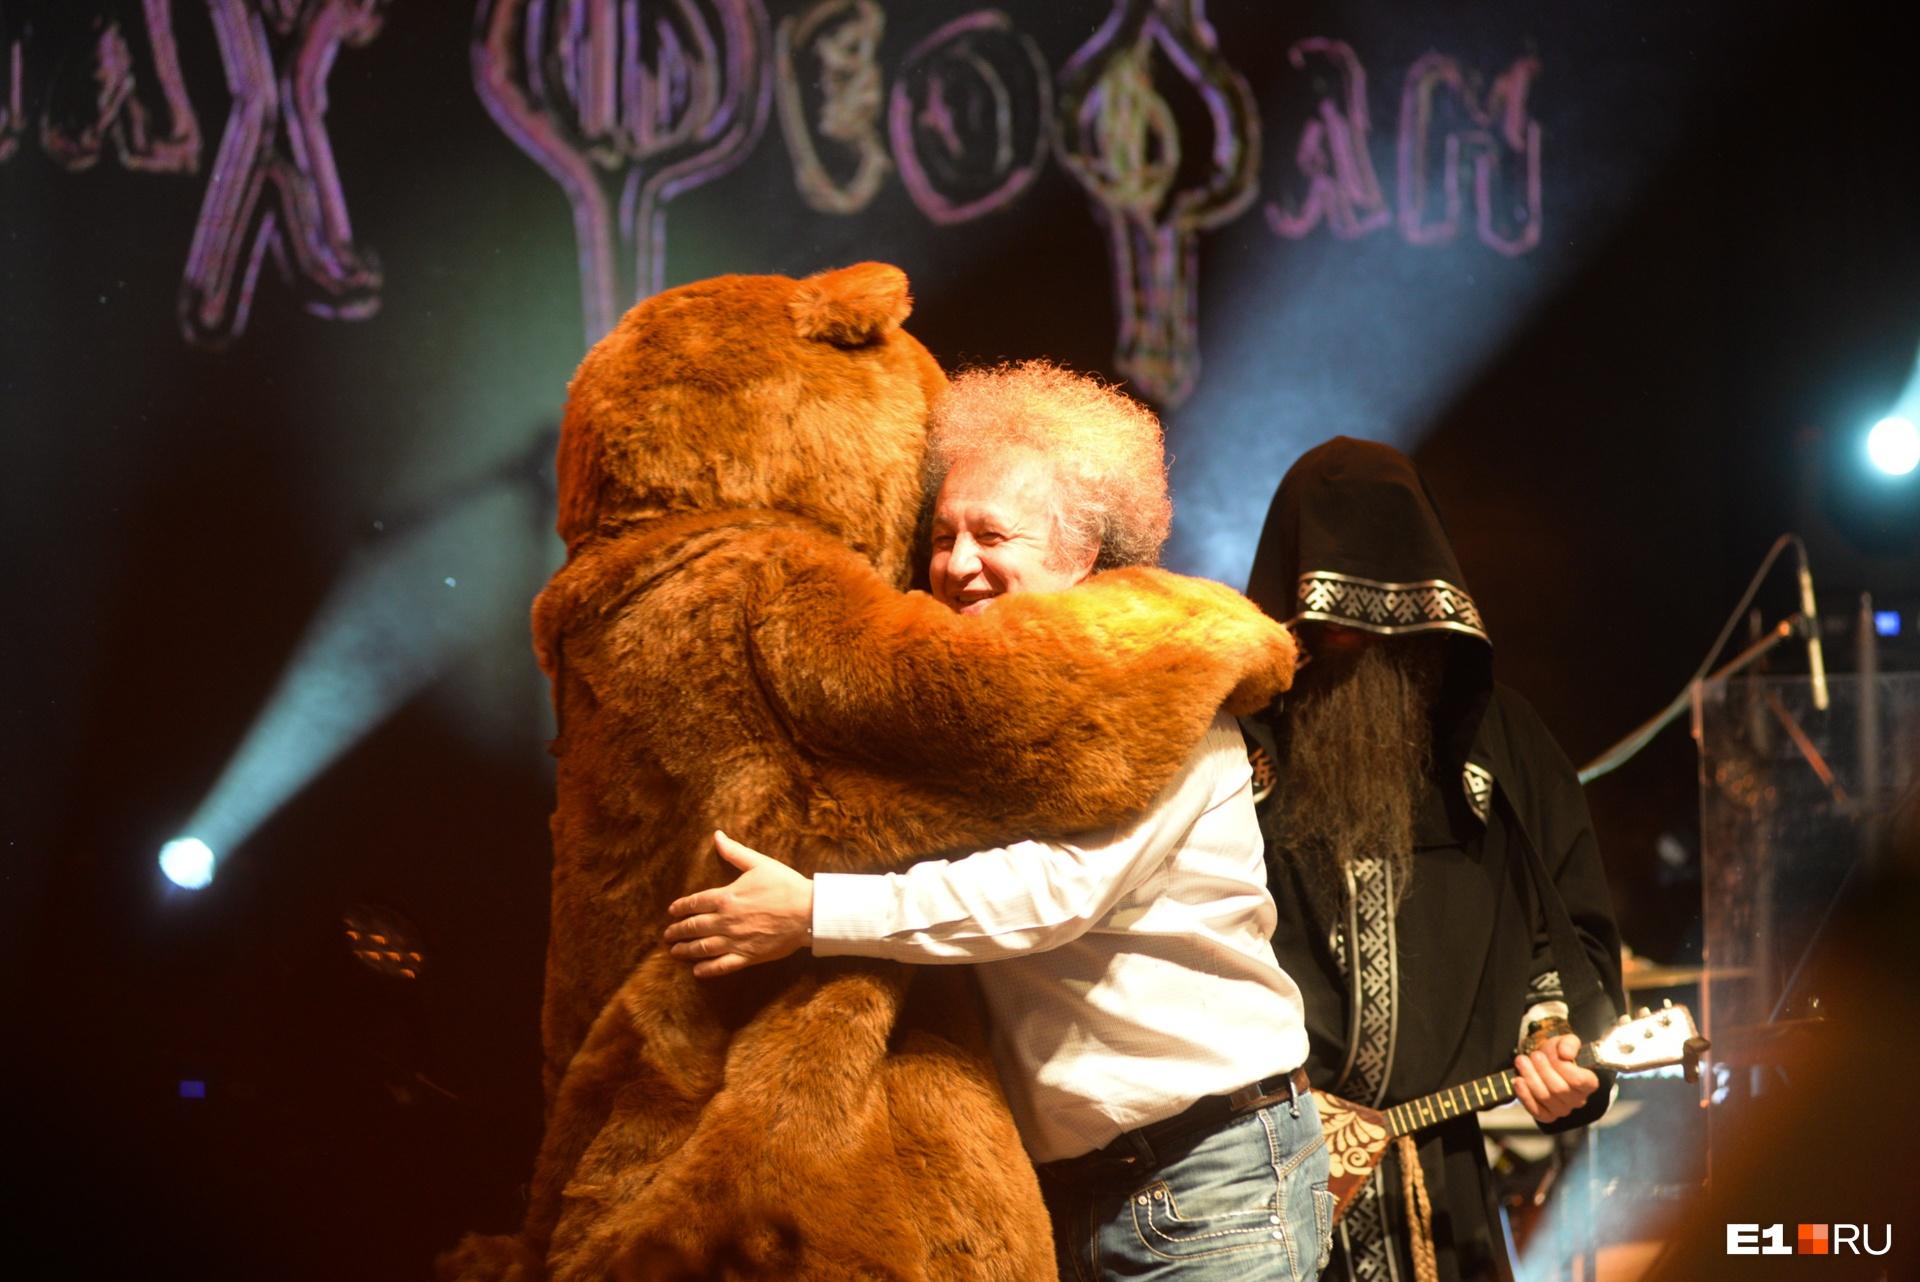 Евгений Горенбург обнимается со знаменитым мишкой Нейромонаха Феофана на «Старом новом роке — 2019»